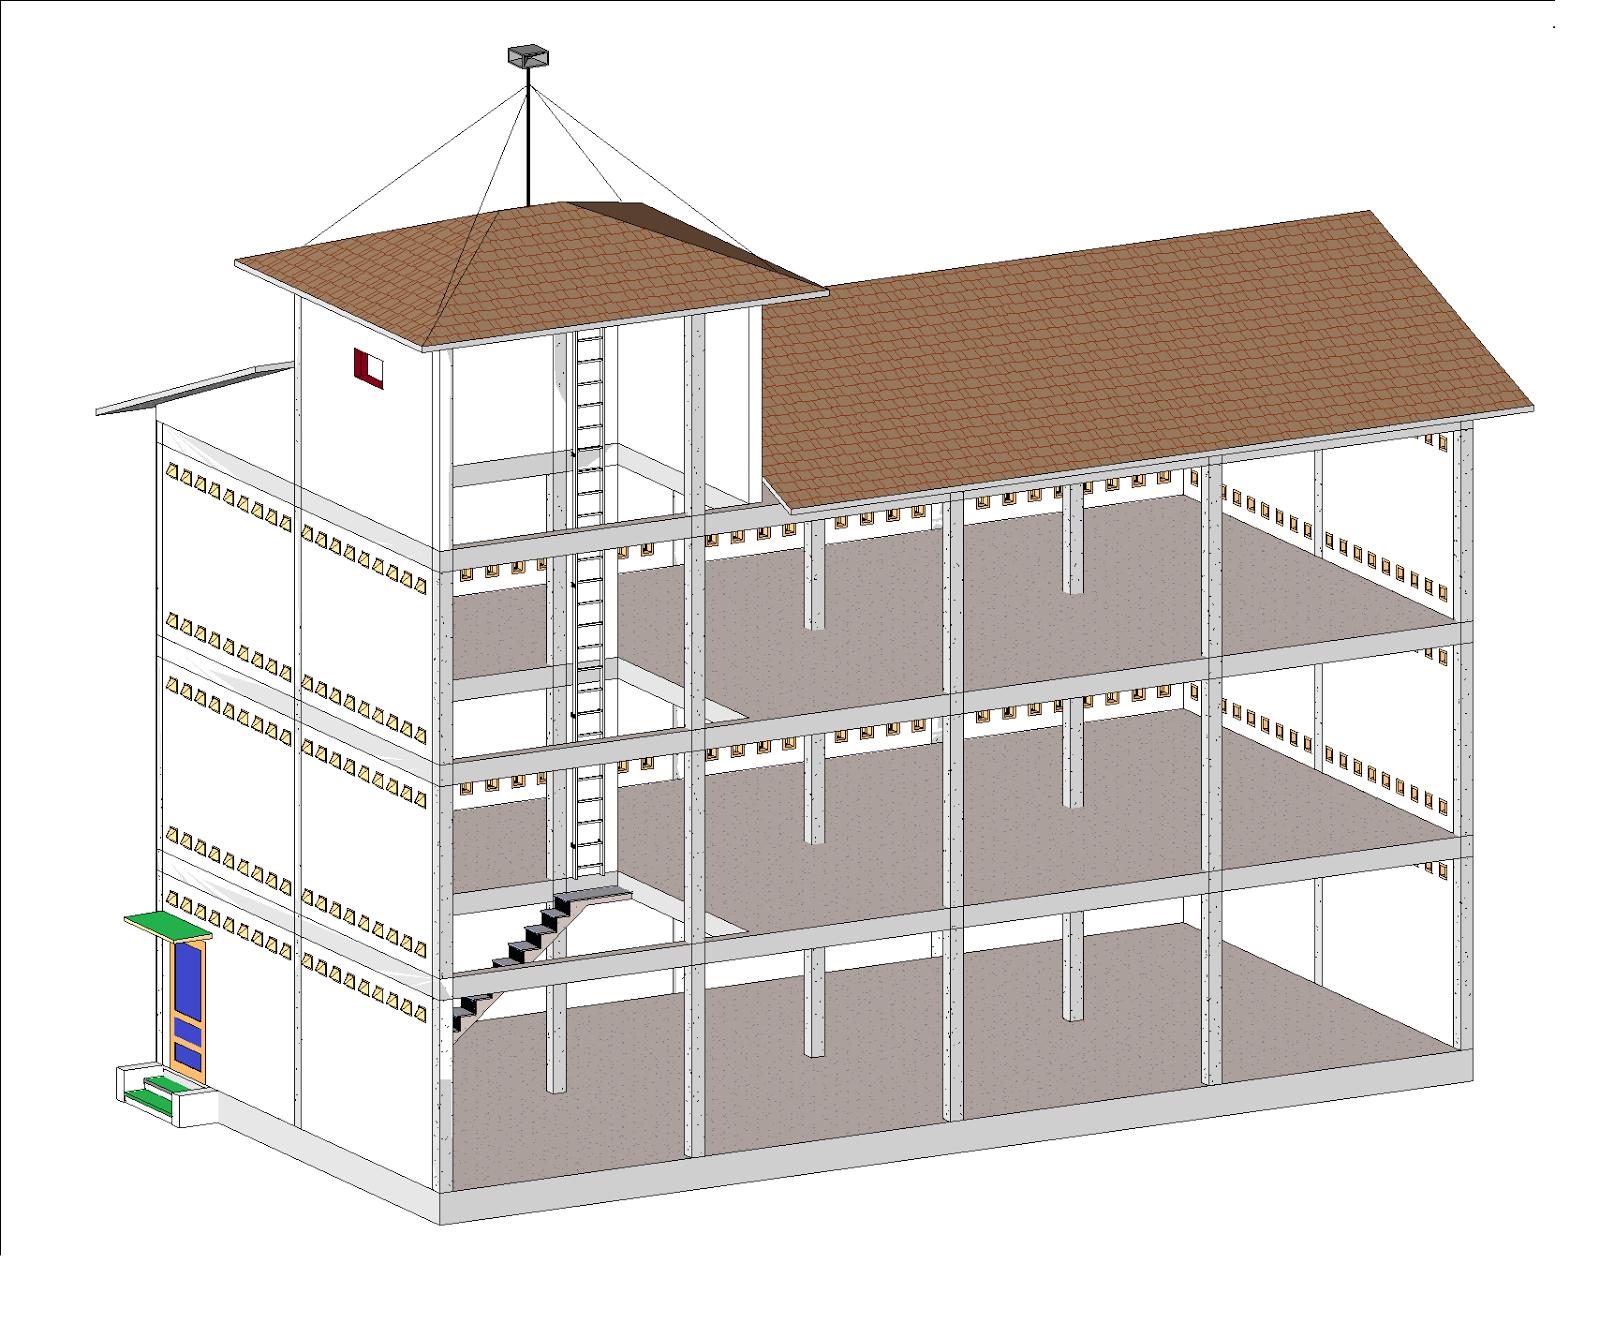 Kỹ thuật xây dựng nhà nuôi yến ở Nha Trang là gì ?